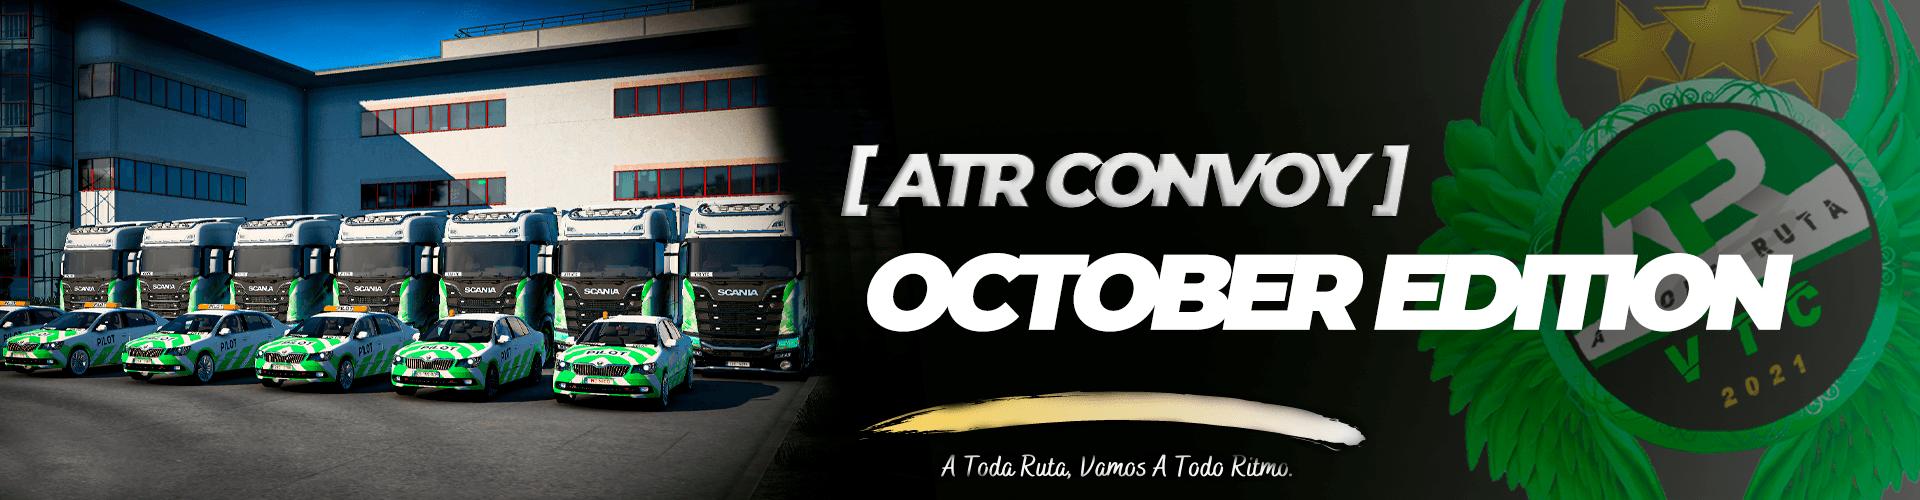 ATR CONVOY -  OCTOBER PUBLIC EDITION